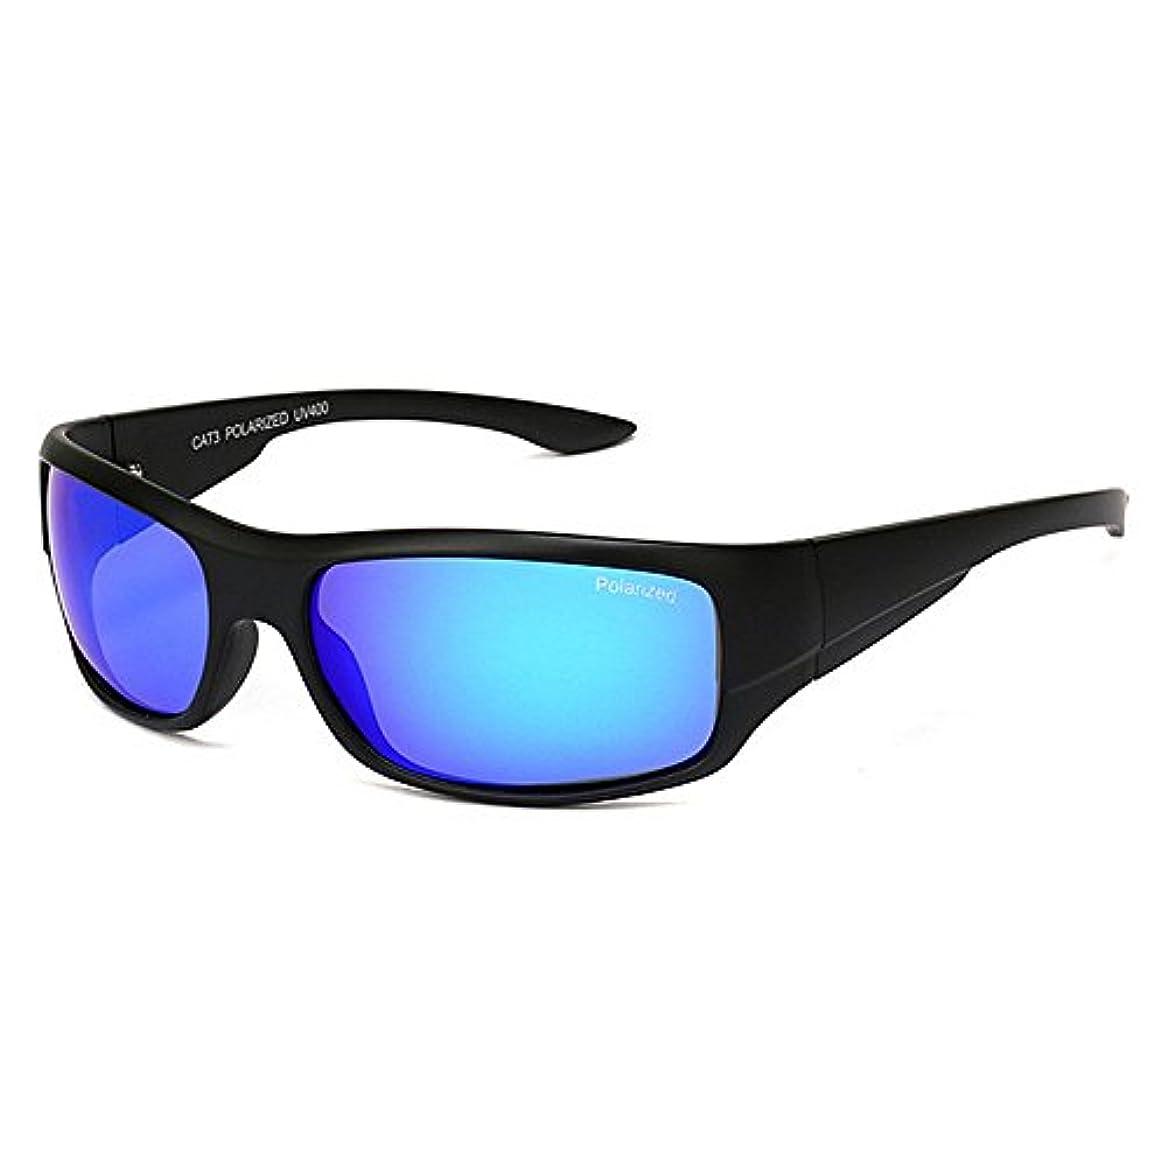 雇う駐地モッキンバードスポーツサングラス 古典的なTAC色レンズUV400保護耐久性のあるスポーツサングラス偏光運転サイクリングランニング釣りゴルフ ドライブ/野球/自転車/釣り/ランニング/ゴルフ/運転 男女兼用